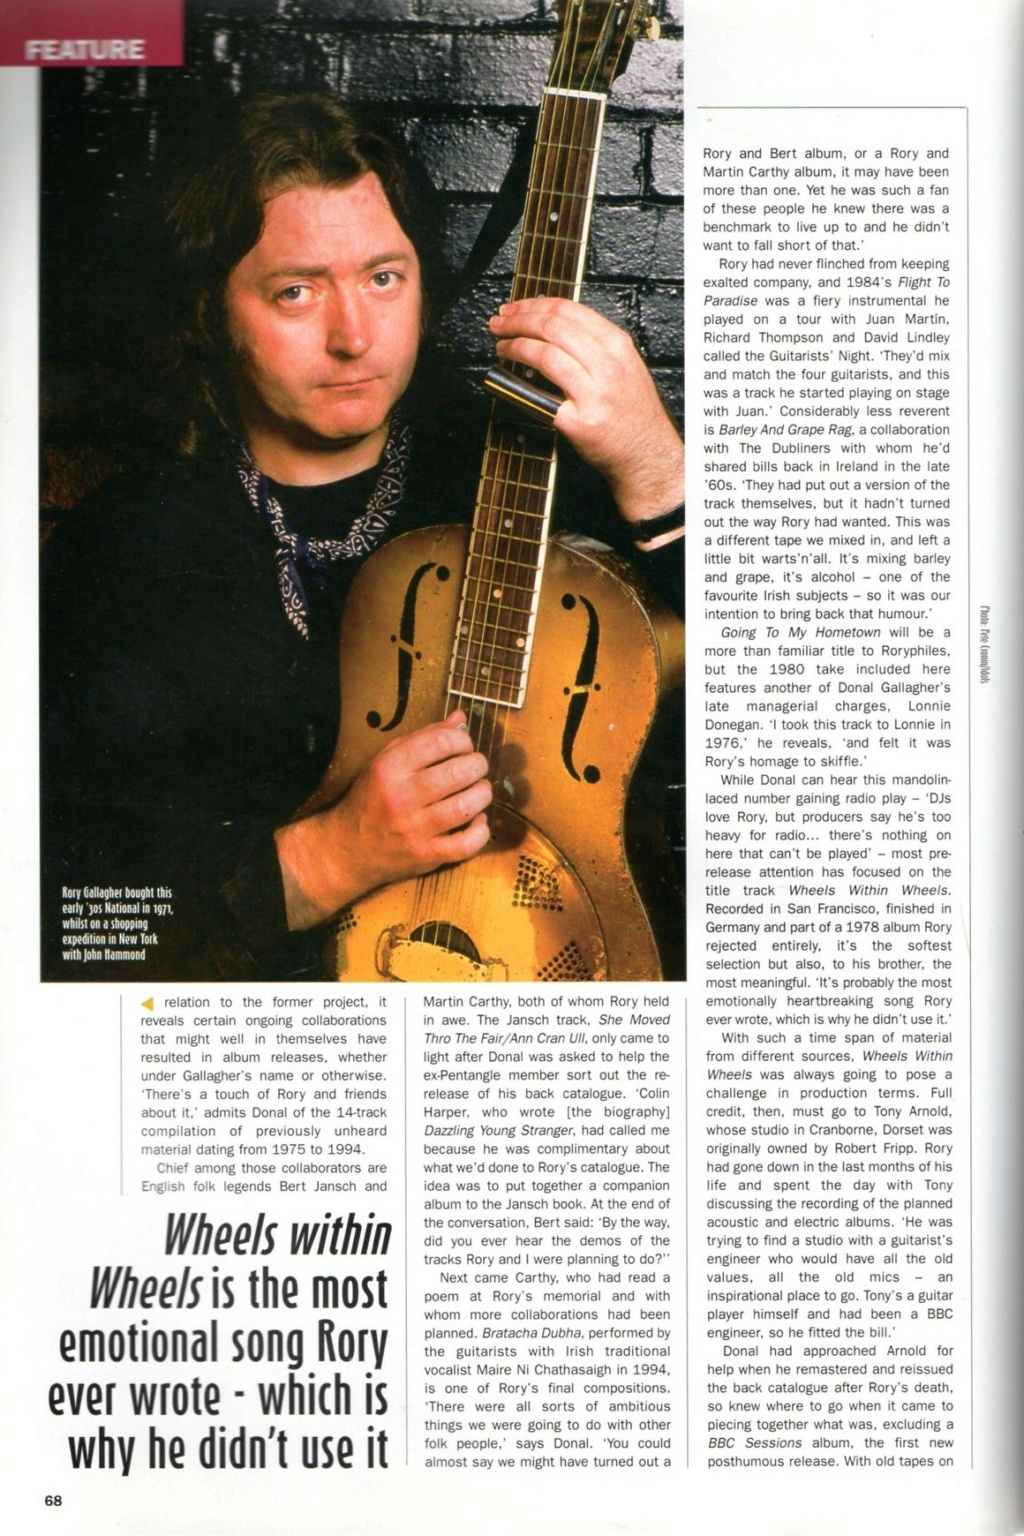 Rory dans les revues et les mags - Page 23 Rory_g16